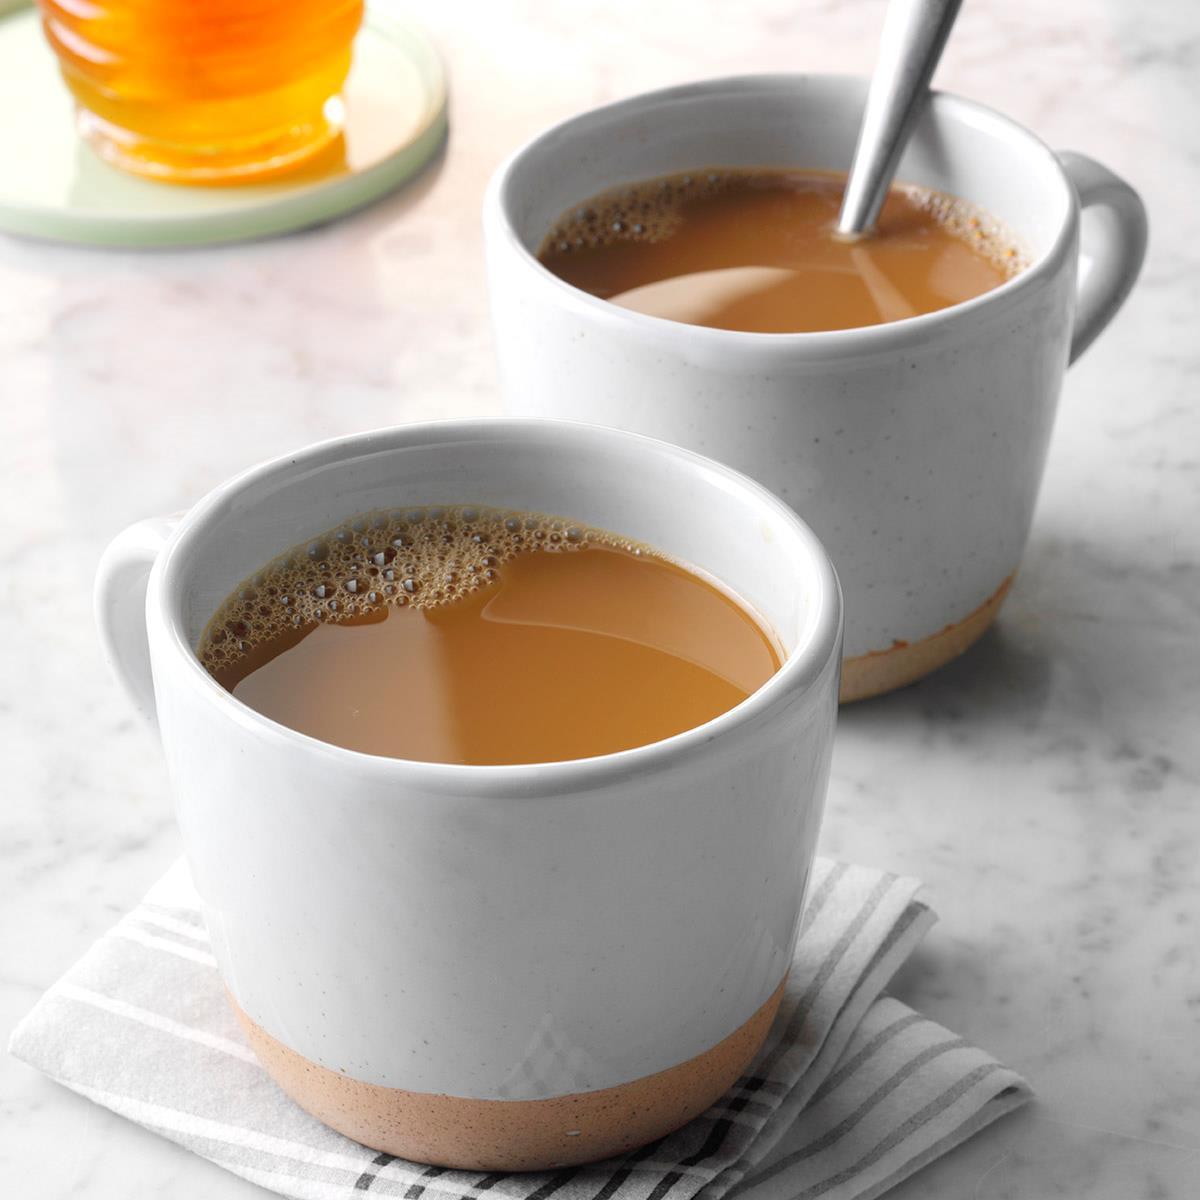 cà phê giúp cung cấp năng lượng cho cơ thể